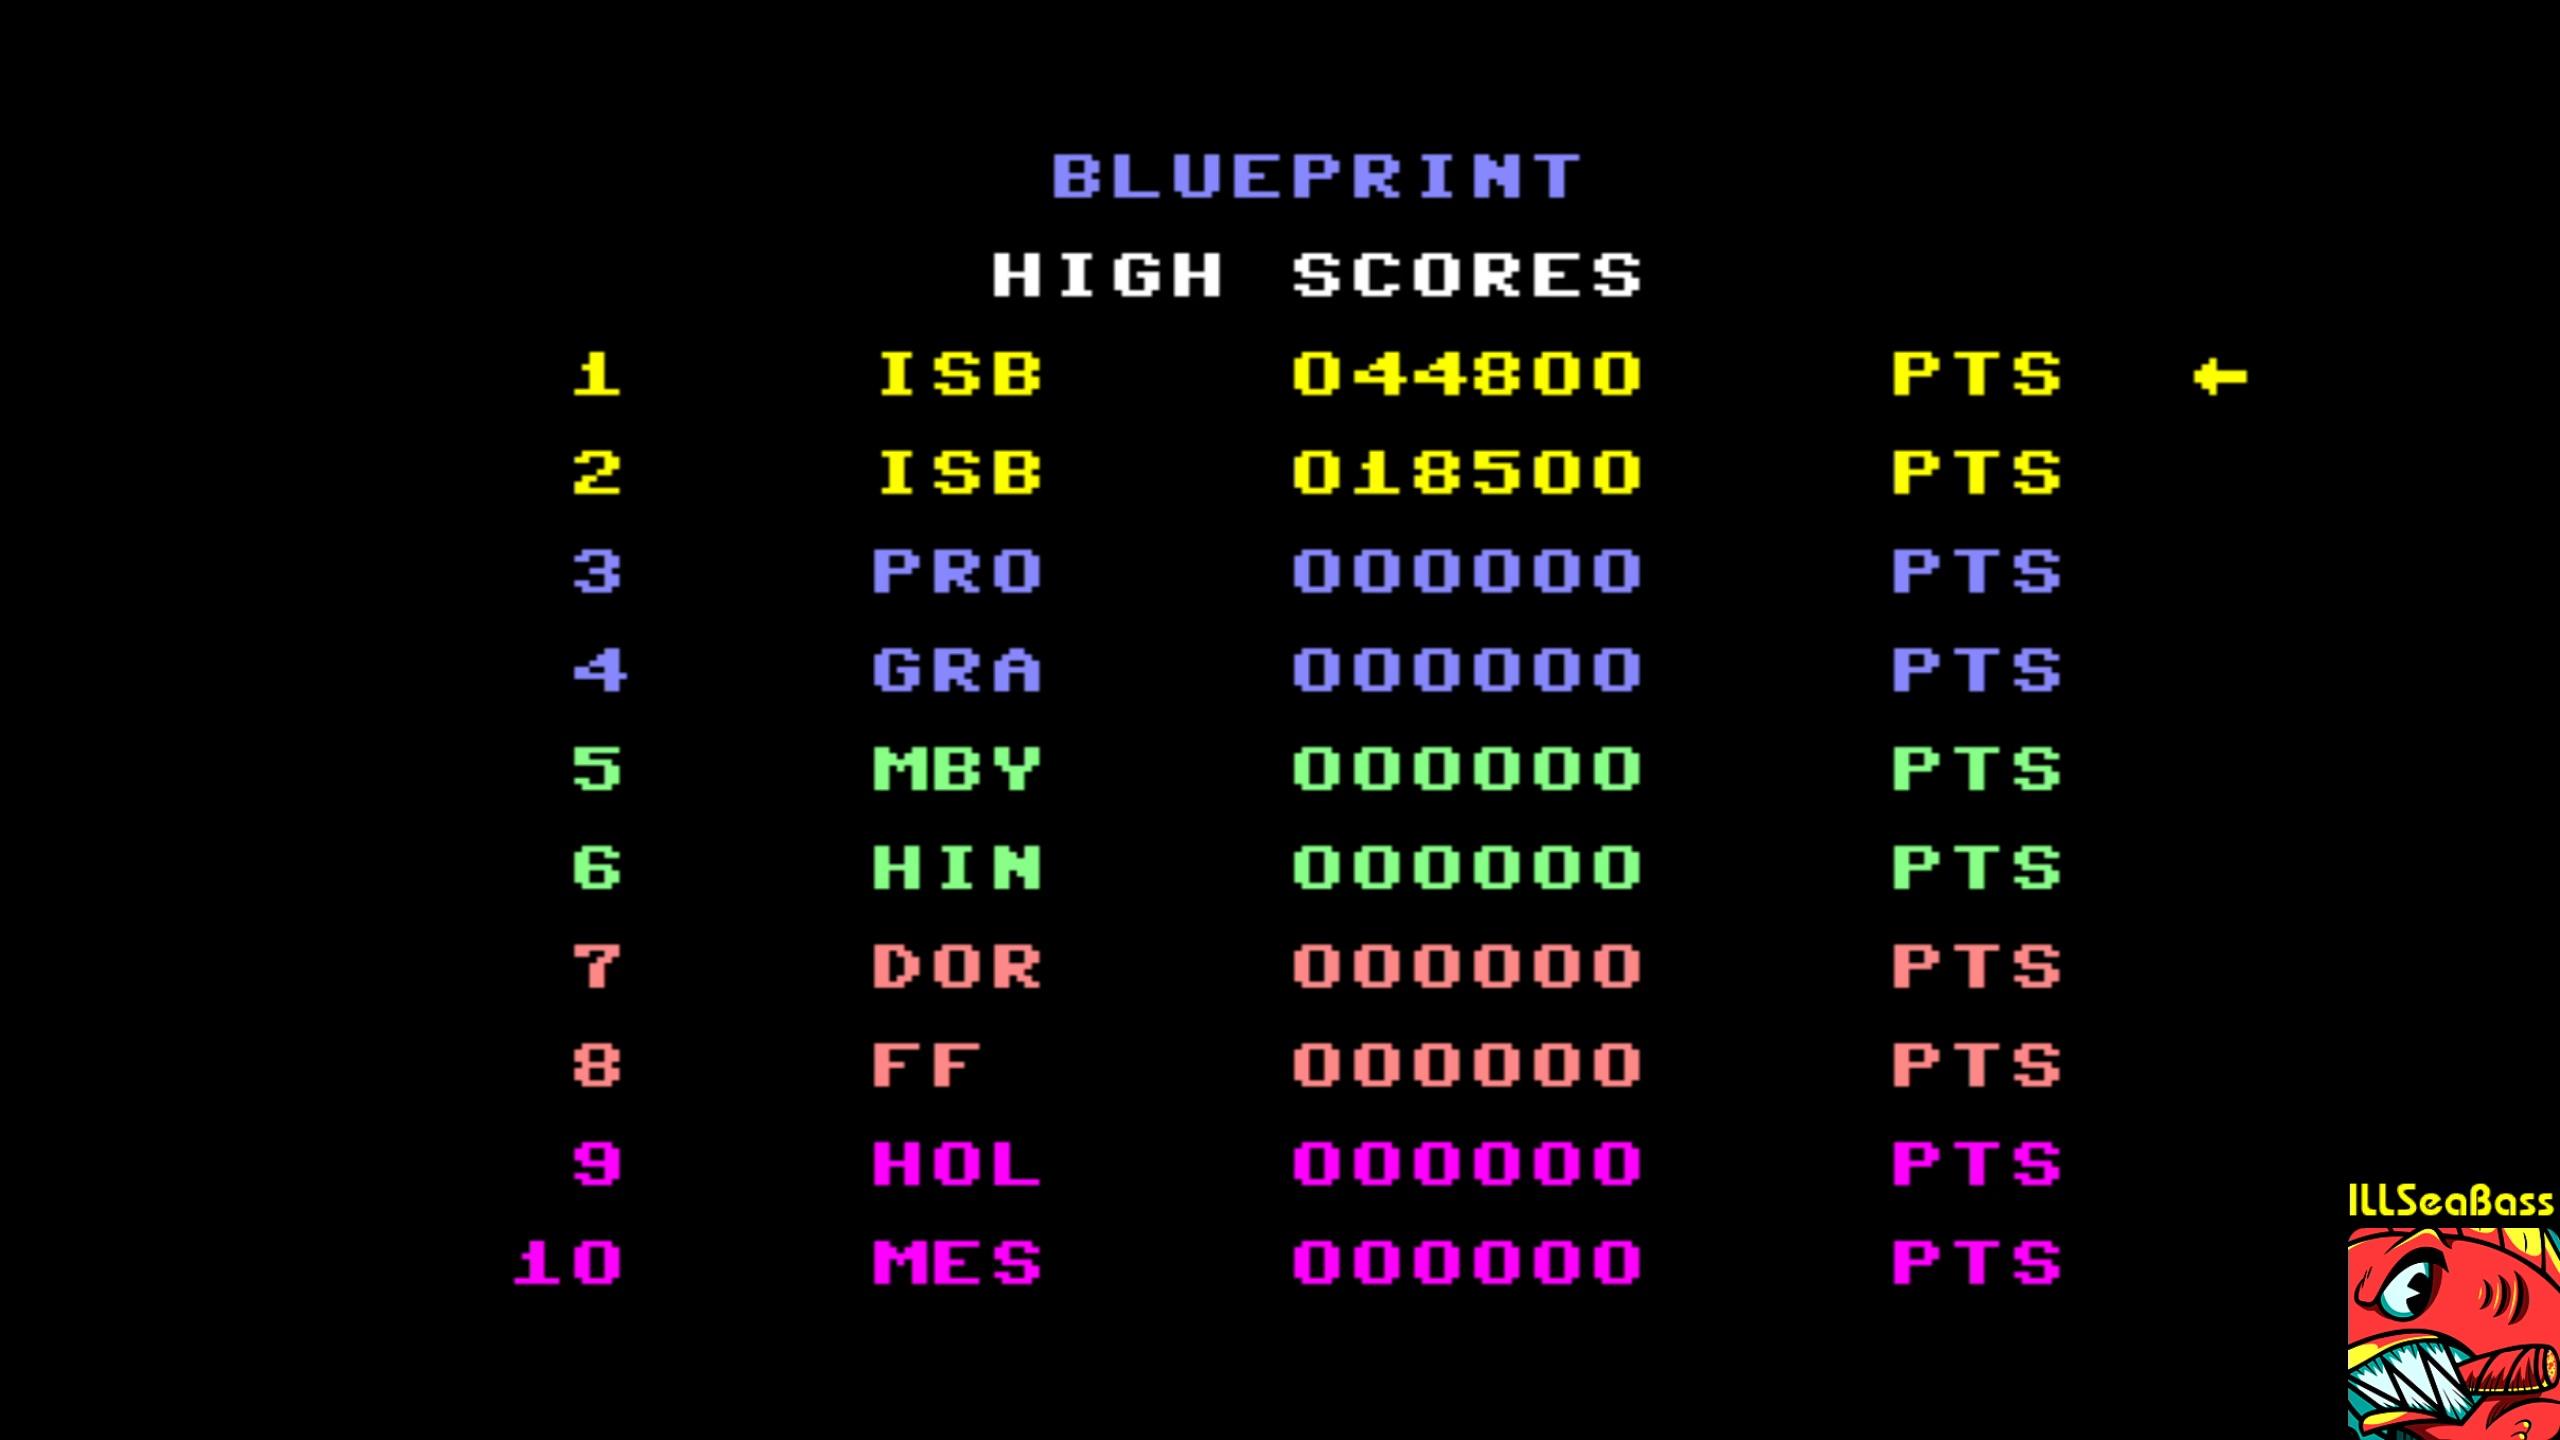 Blue Print 44,800 points